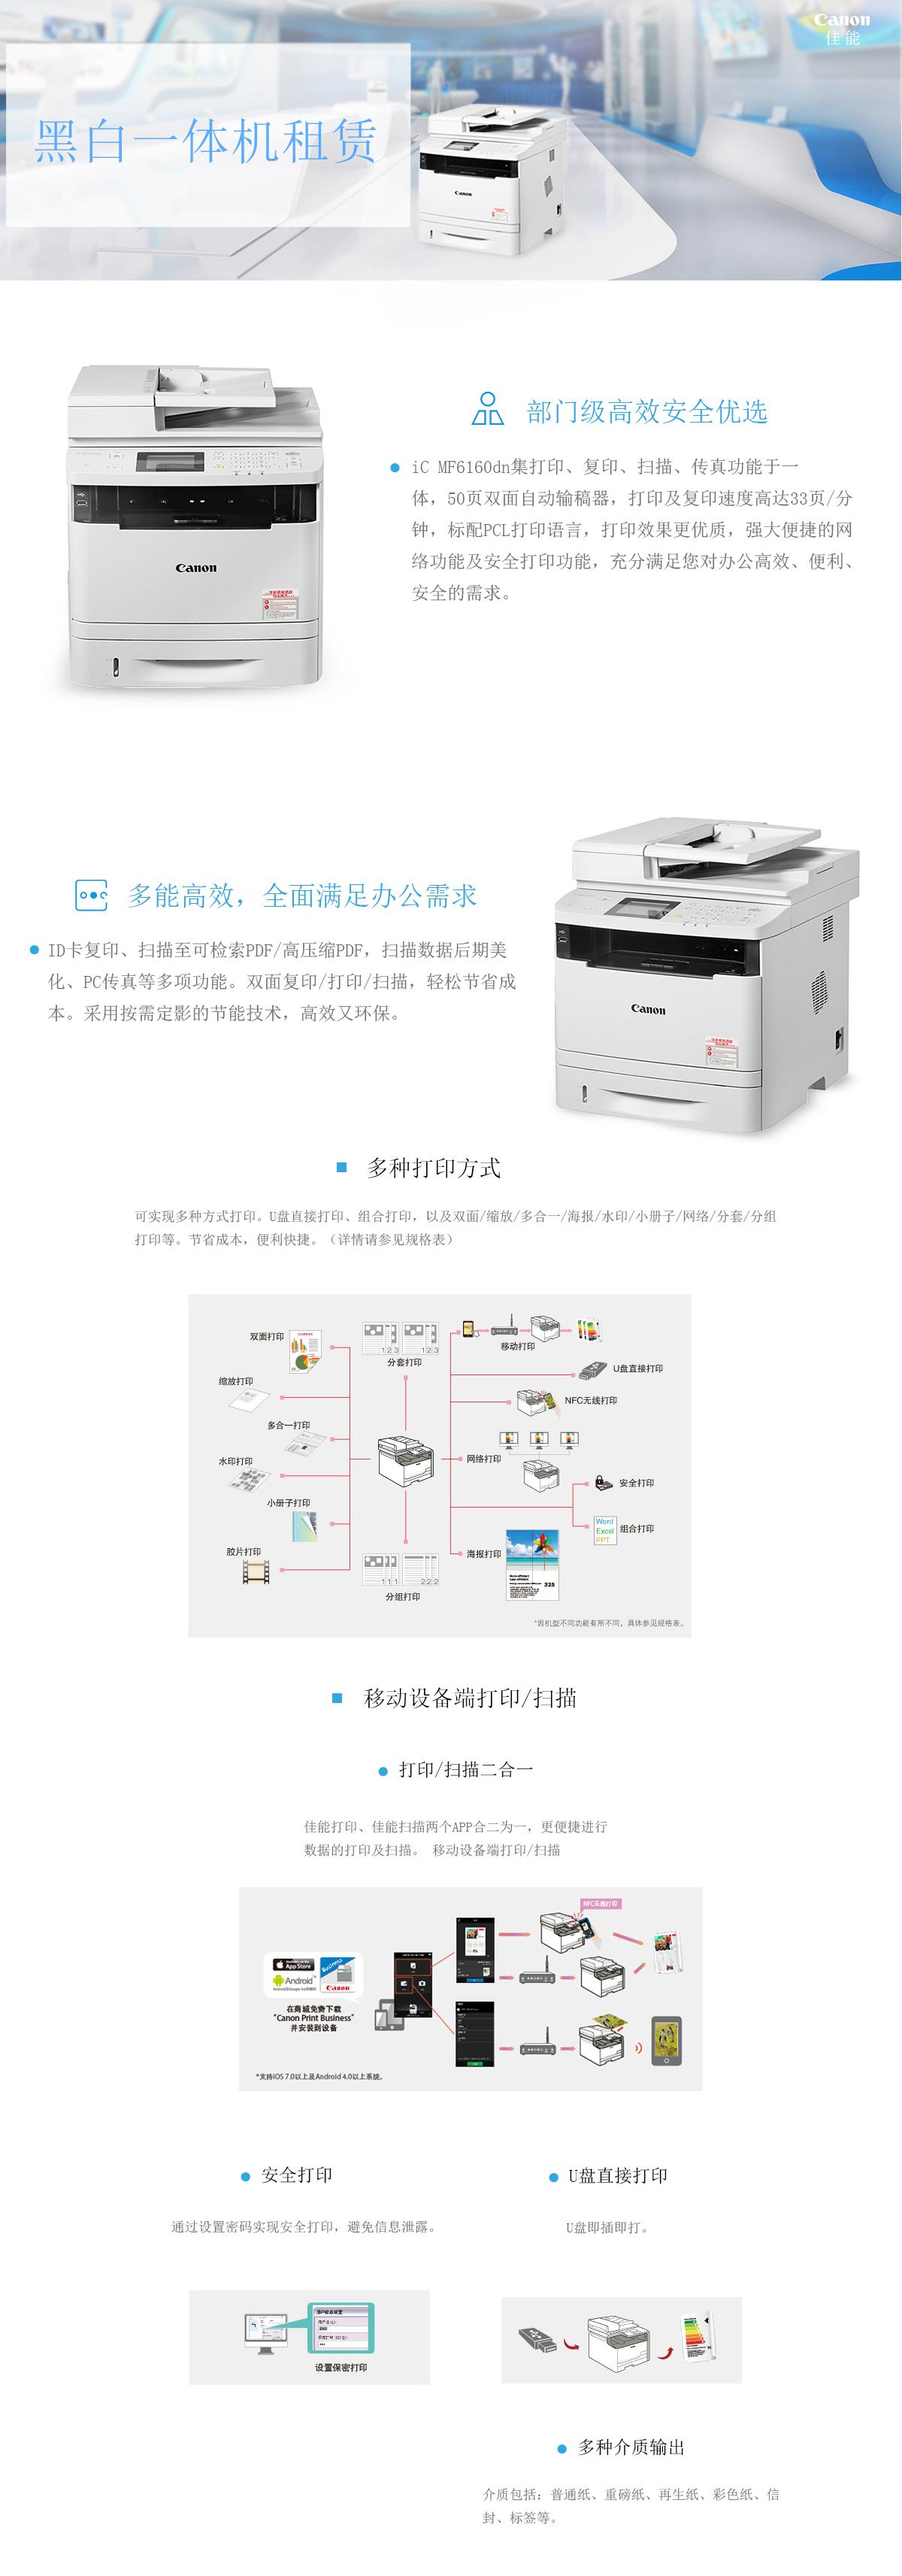 (准新机)MF6180dn 佳能黑白 A4 一体机(打印/复印/网络扫描)(图1)